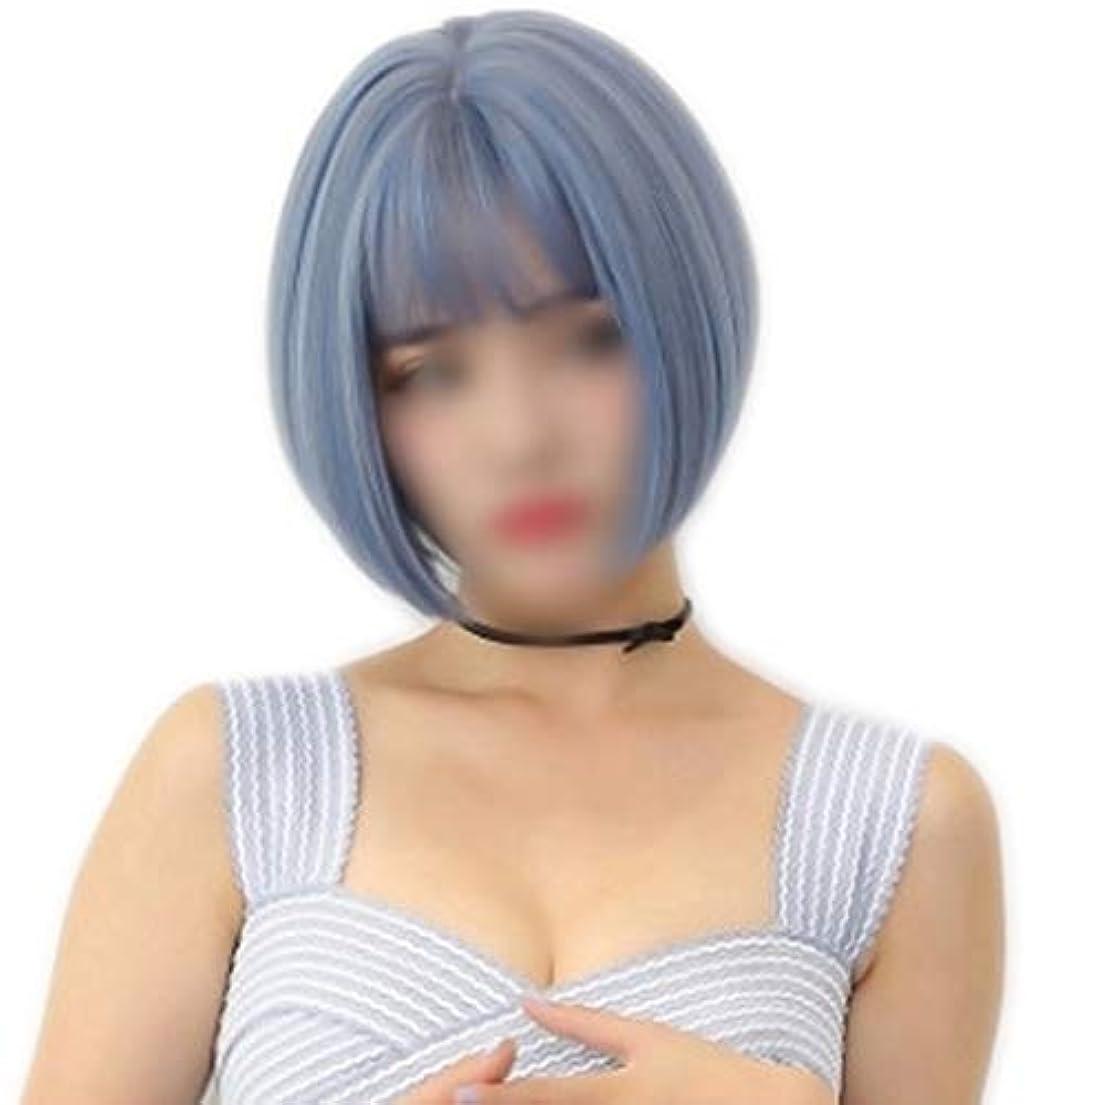 近代化悪の書店WASAIO 現実的な前髪とスタイルの交換のためのウィッグ女性ショートヘアコスプレブラウンストレートボブアクセサリー (色 : Peacock blue)